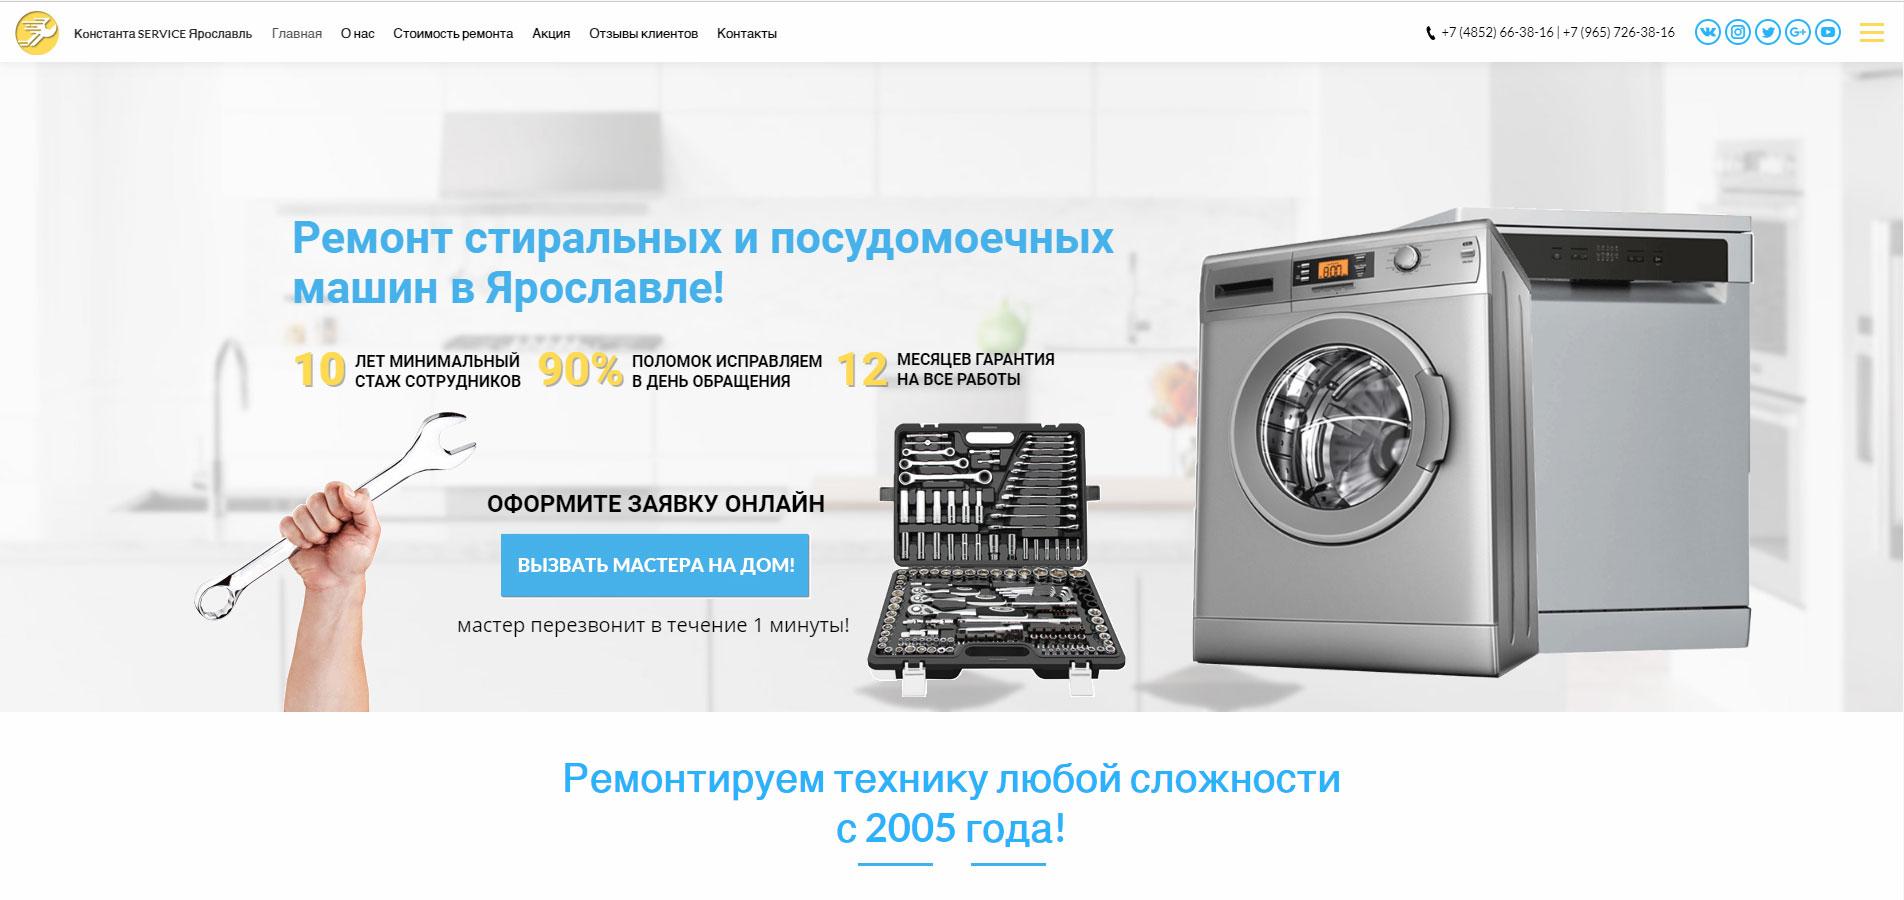 Посадочная страница | Ремонт стиральных машин